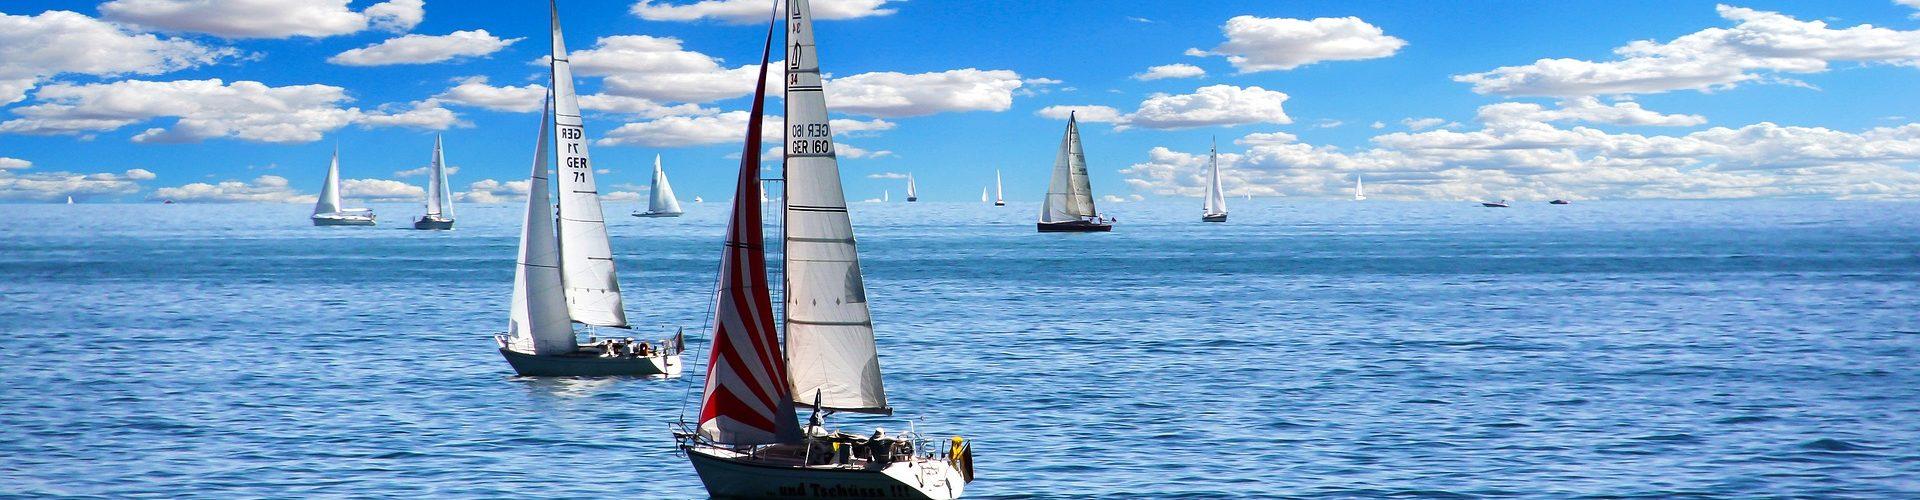 segeln lernen in Mindelheim segelschein machen in Mindelheim 1920x500 - Segeln lernen in Mindelheim